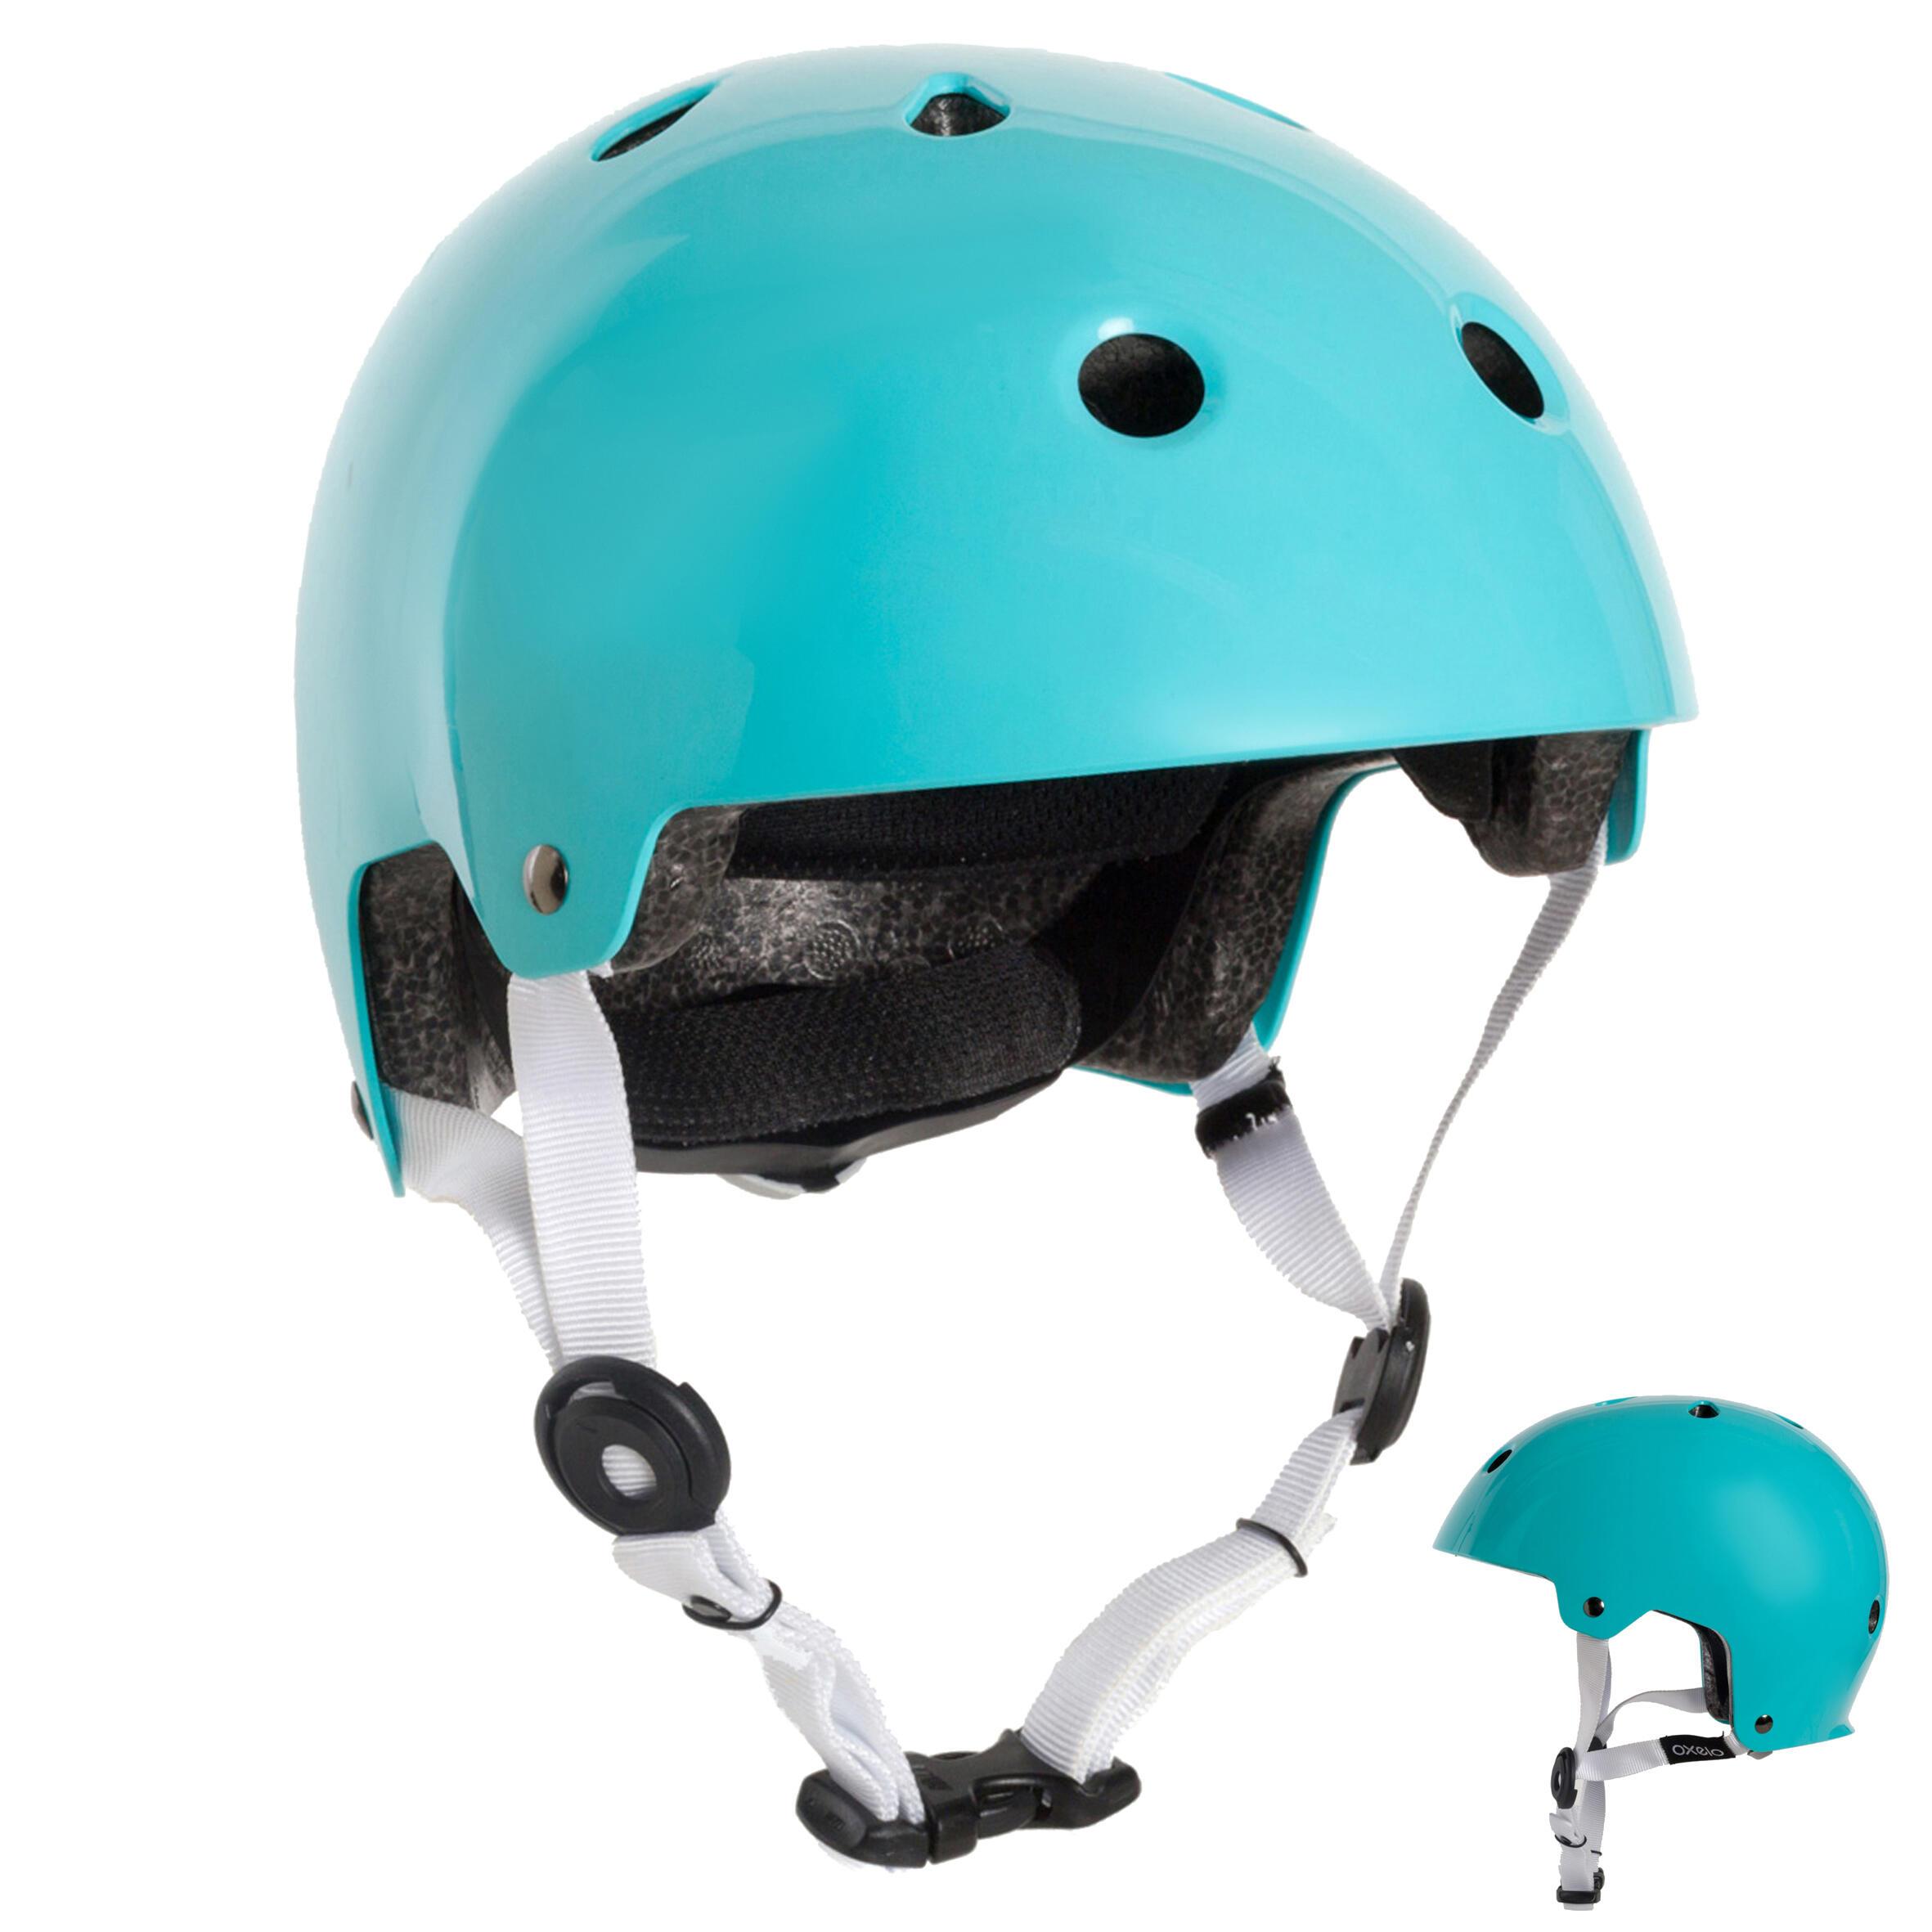 Oxelo Helm voor skeeleren, skateboarden, steppen Play 5 turquoise